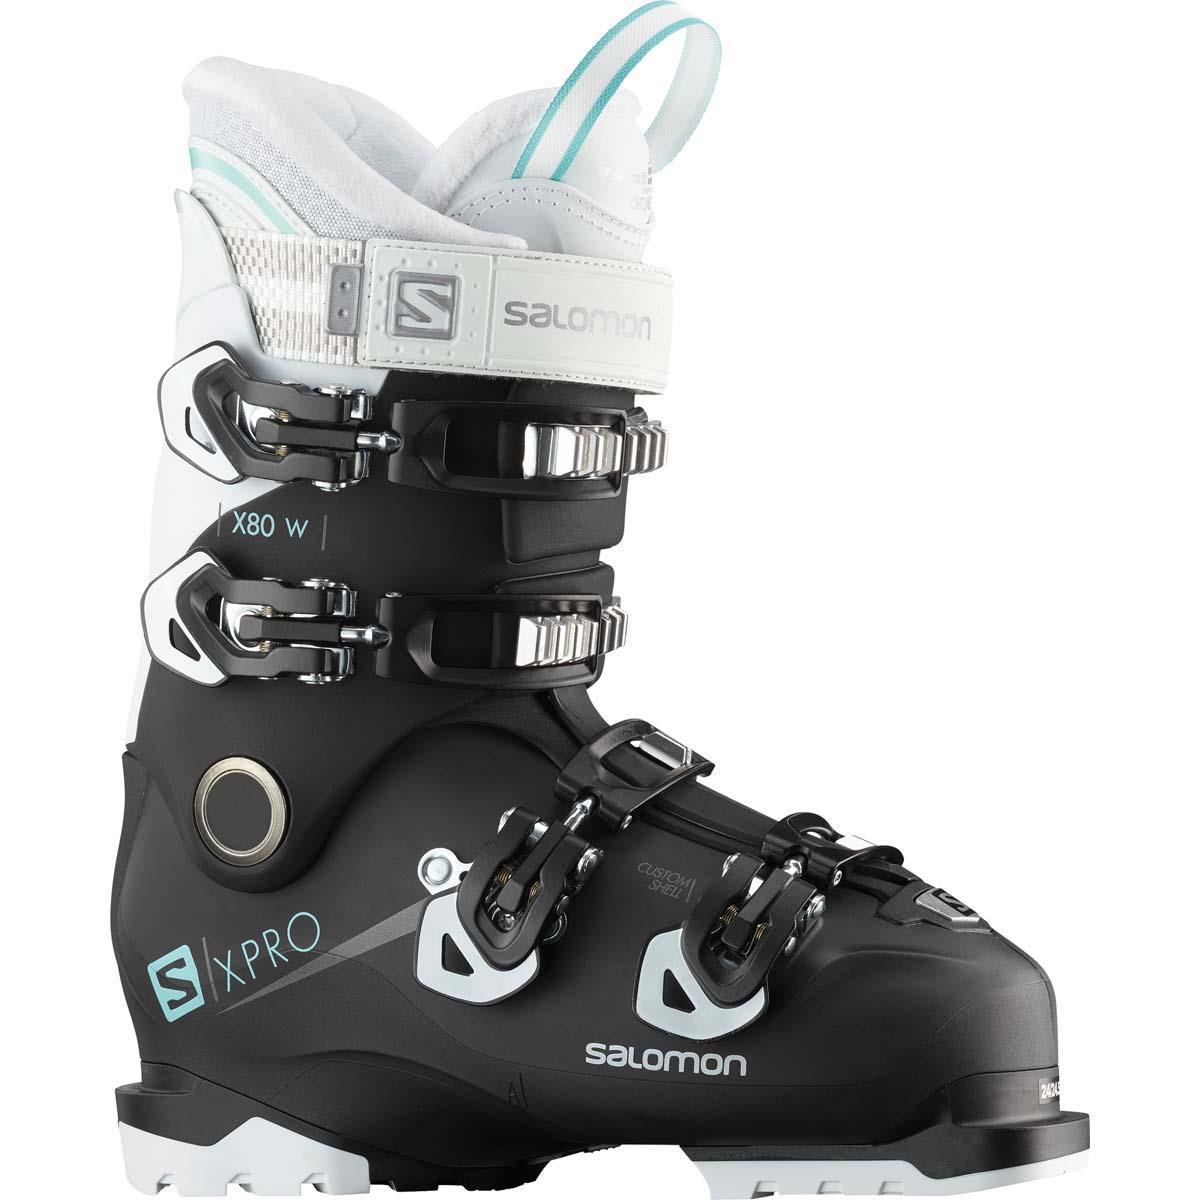 Salomon Women's Ski Boots x Pro X 80 cs Ski Boots, Womens